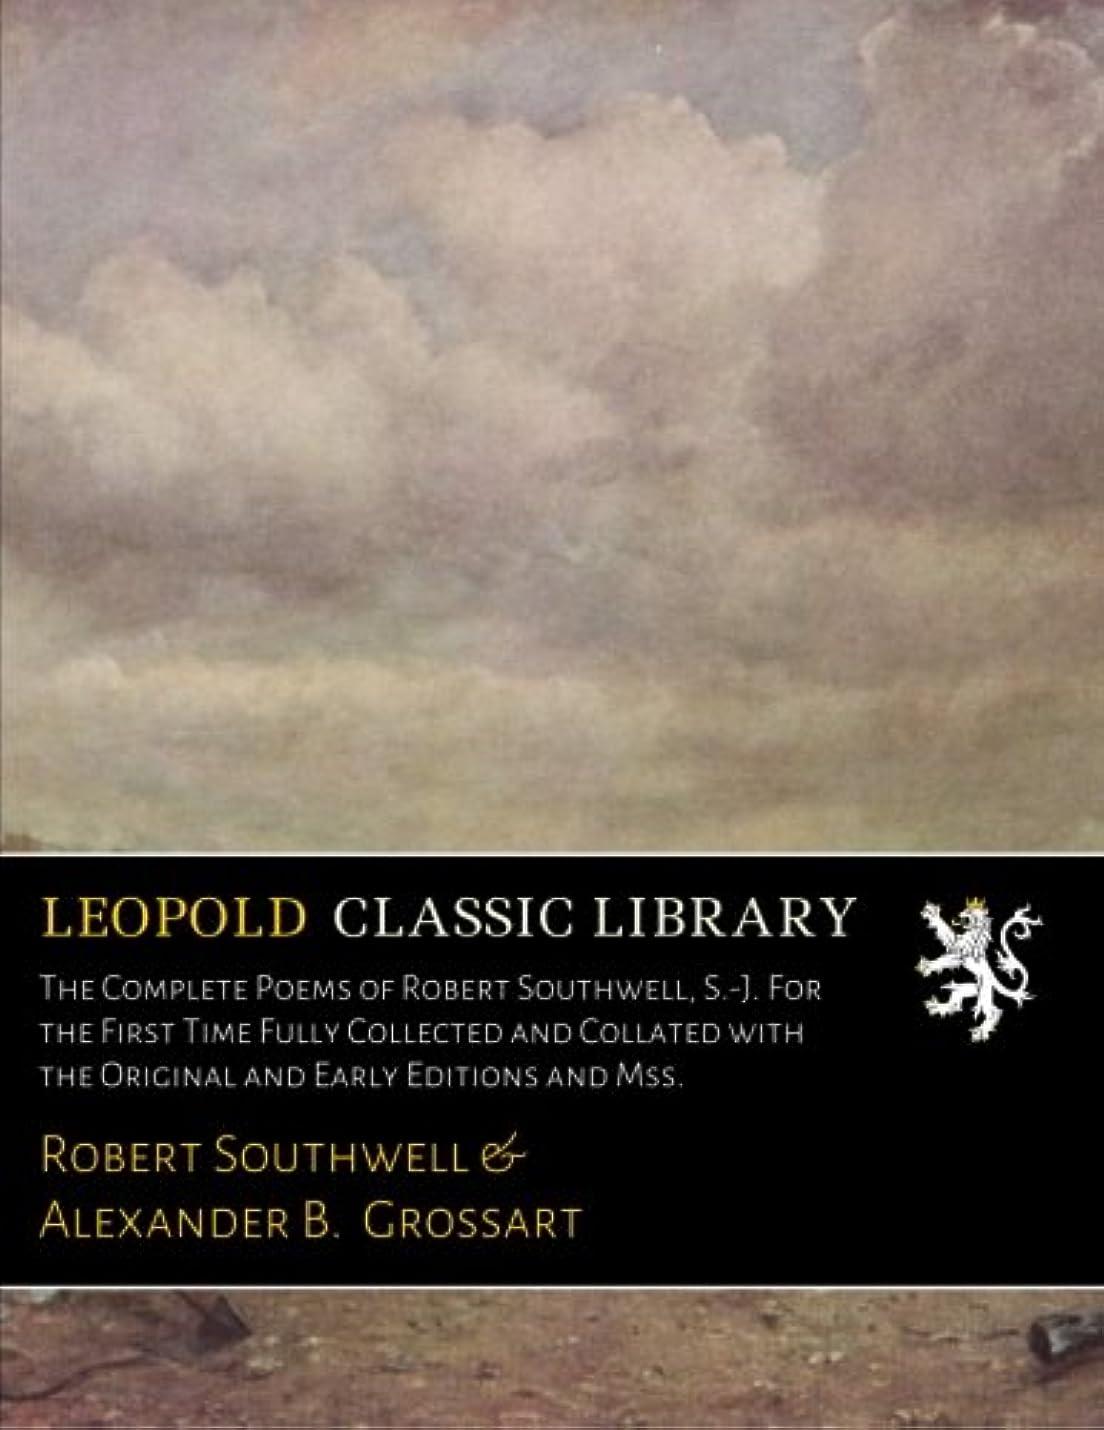 文明化するほのかアストロラーベThe Complete Poems of Robert Southwell, S.-J. For the First Time Fully Collected and Collated with the Original and Early Editions and Mss.